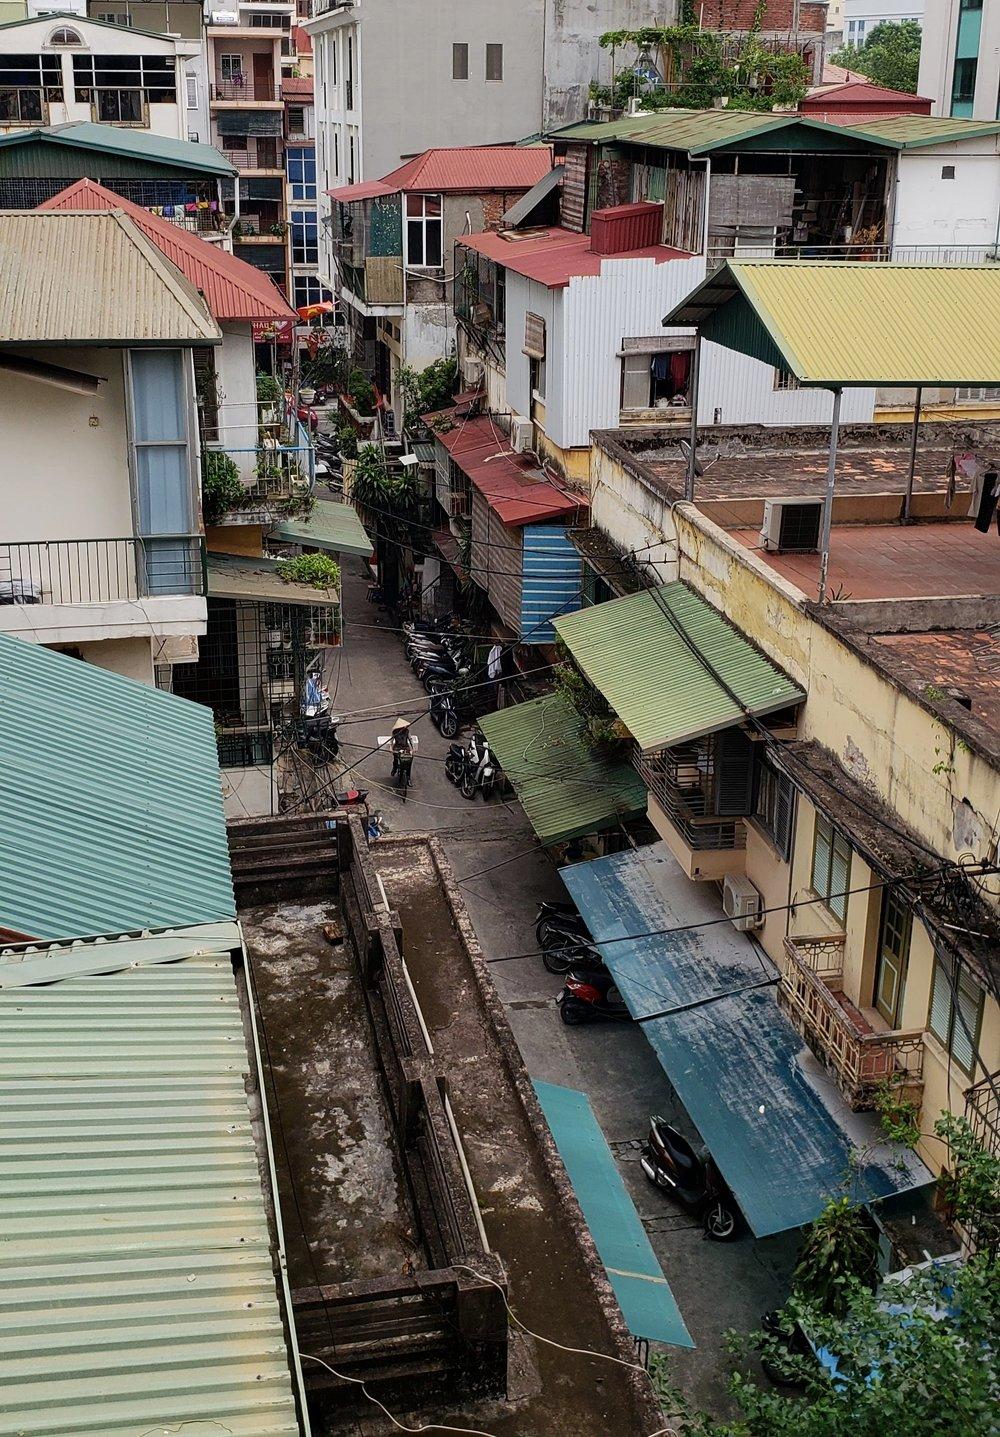 hanoi vietnam asia remote year digital nomad